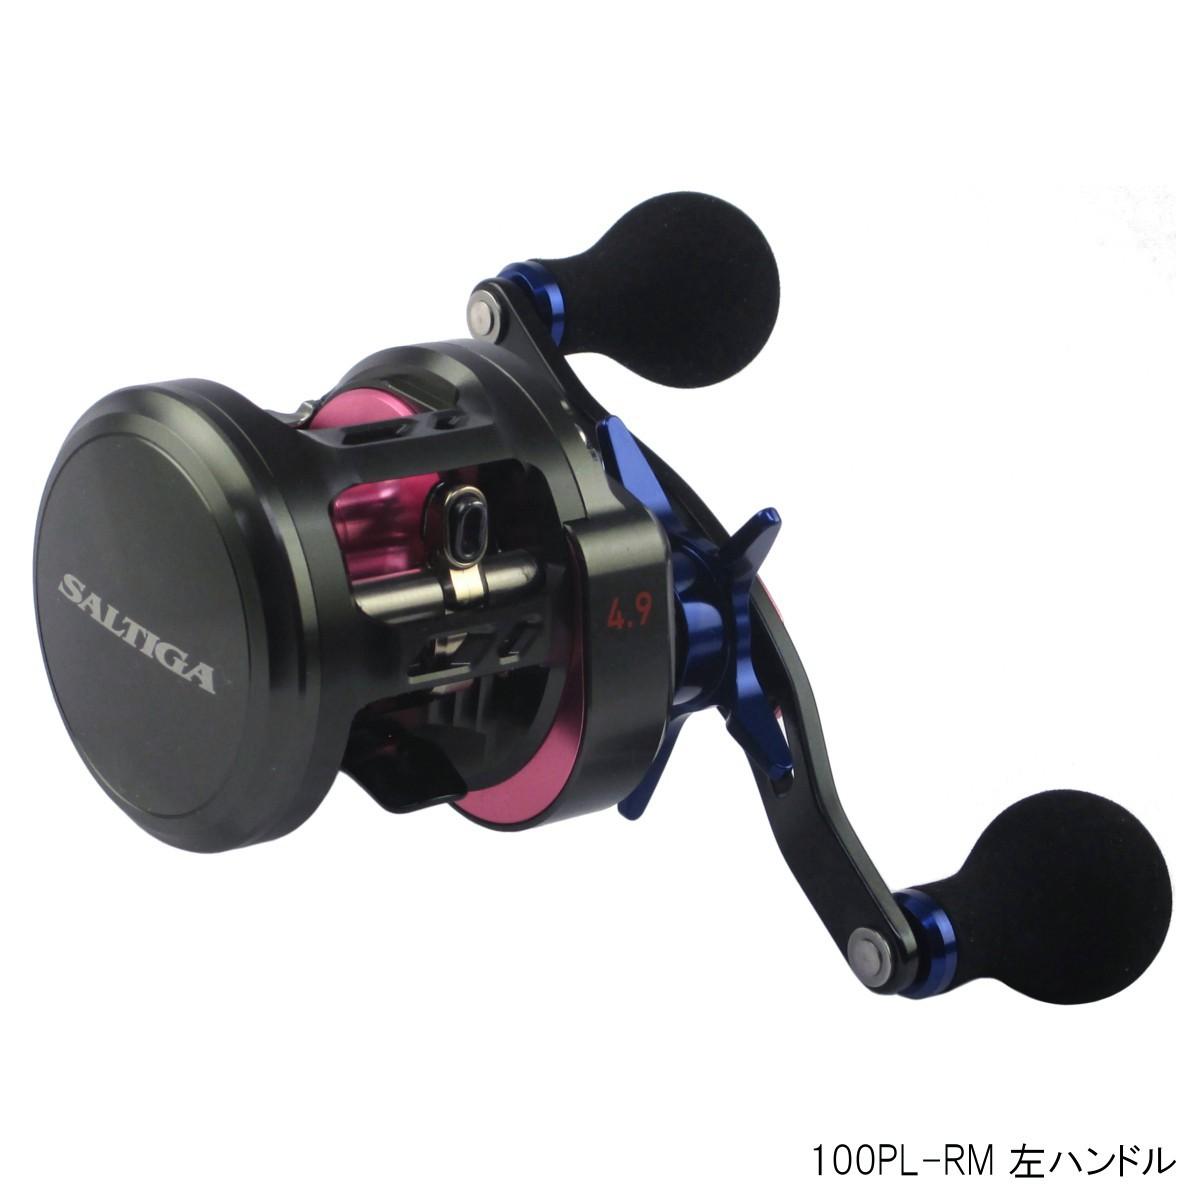 ダイワ ソルティガ BJ 100PL-RM 左ハンドル(東日本店)【同梱不可】